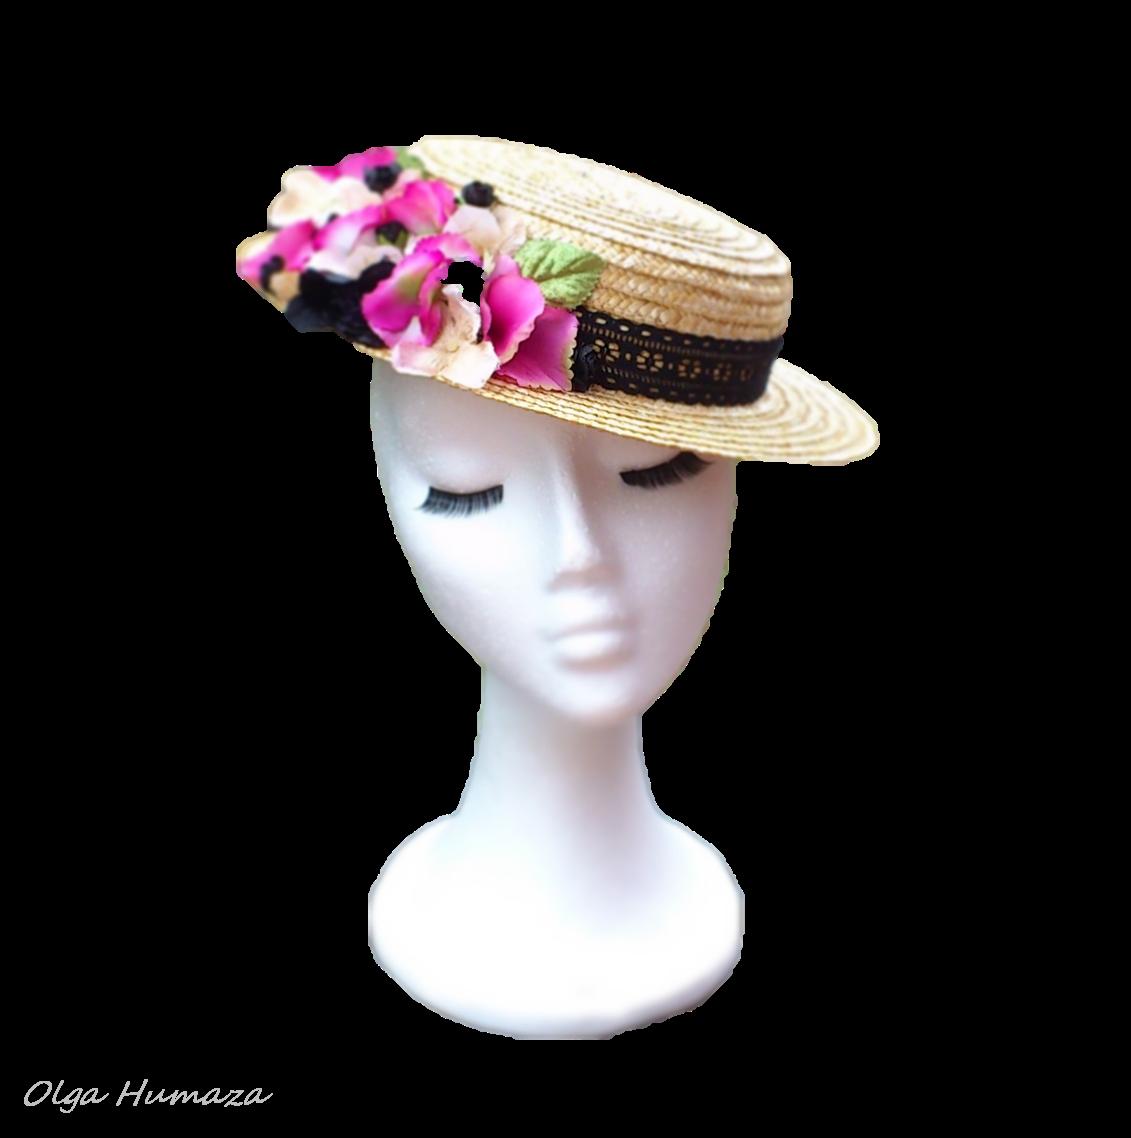 http://olgahumaza.blogspot.com.es/2014/06/b42-tocado-sombrero-copa-alta-chistera.html